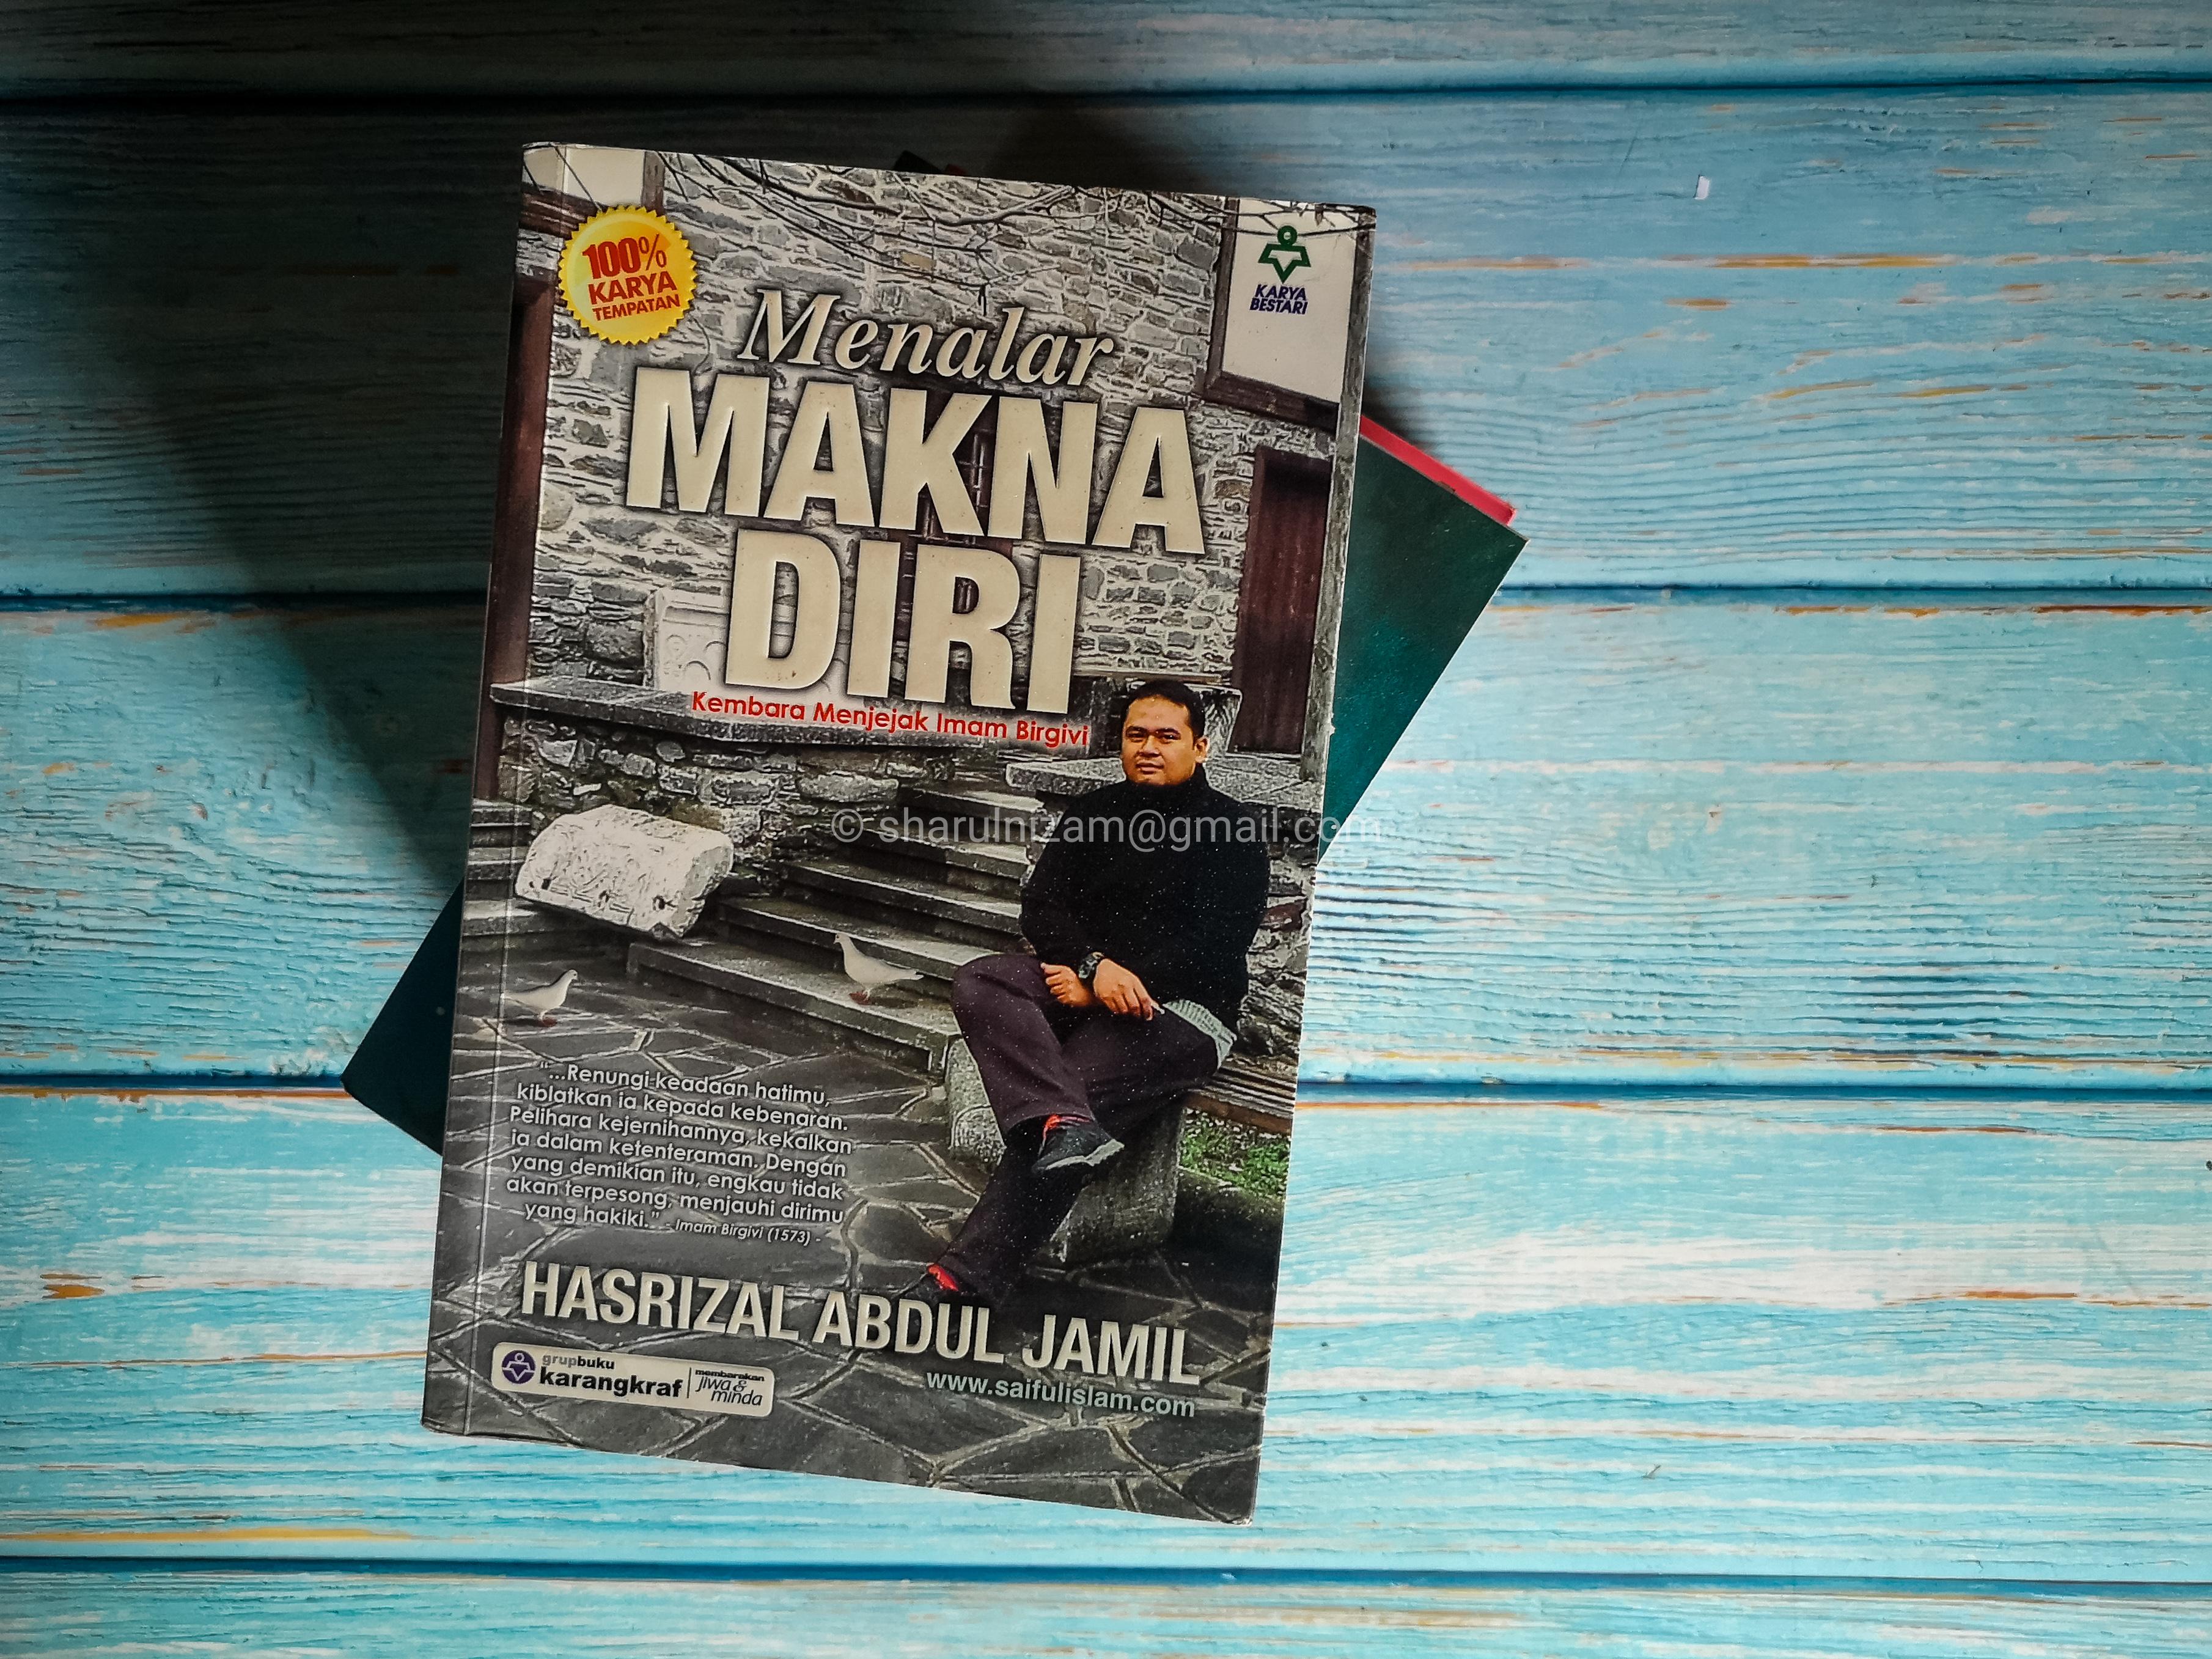 Menalar Makna Diri: Kembara Menjejak Imam Birgivi Oleh Ustaz Hasrizal Abdul Jamil